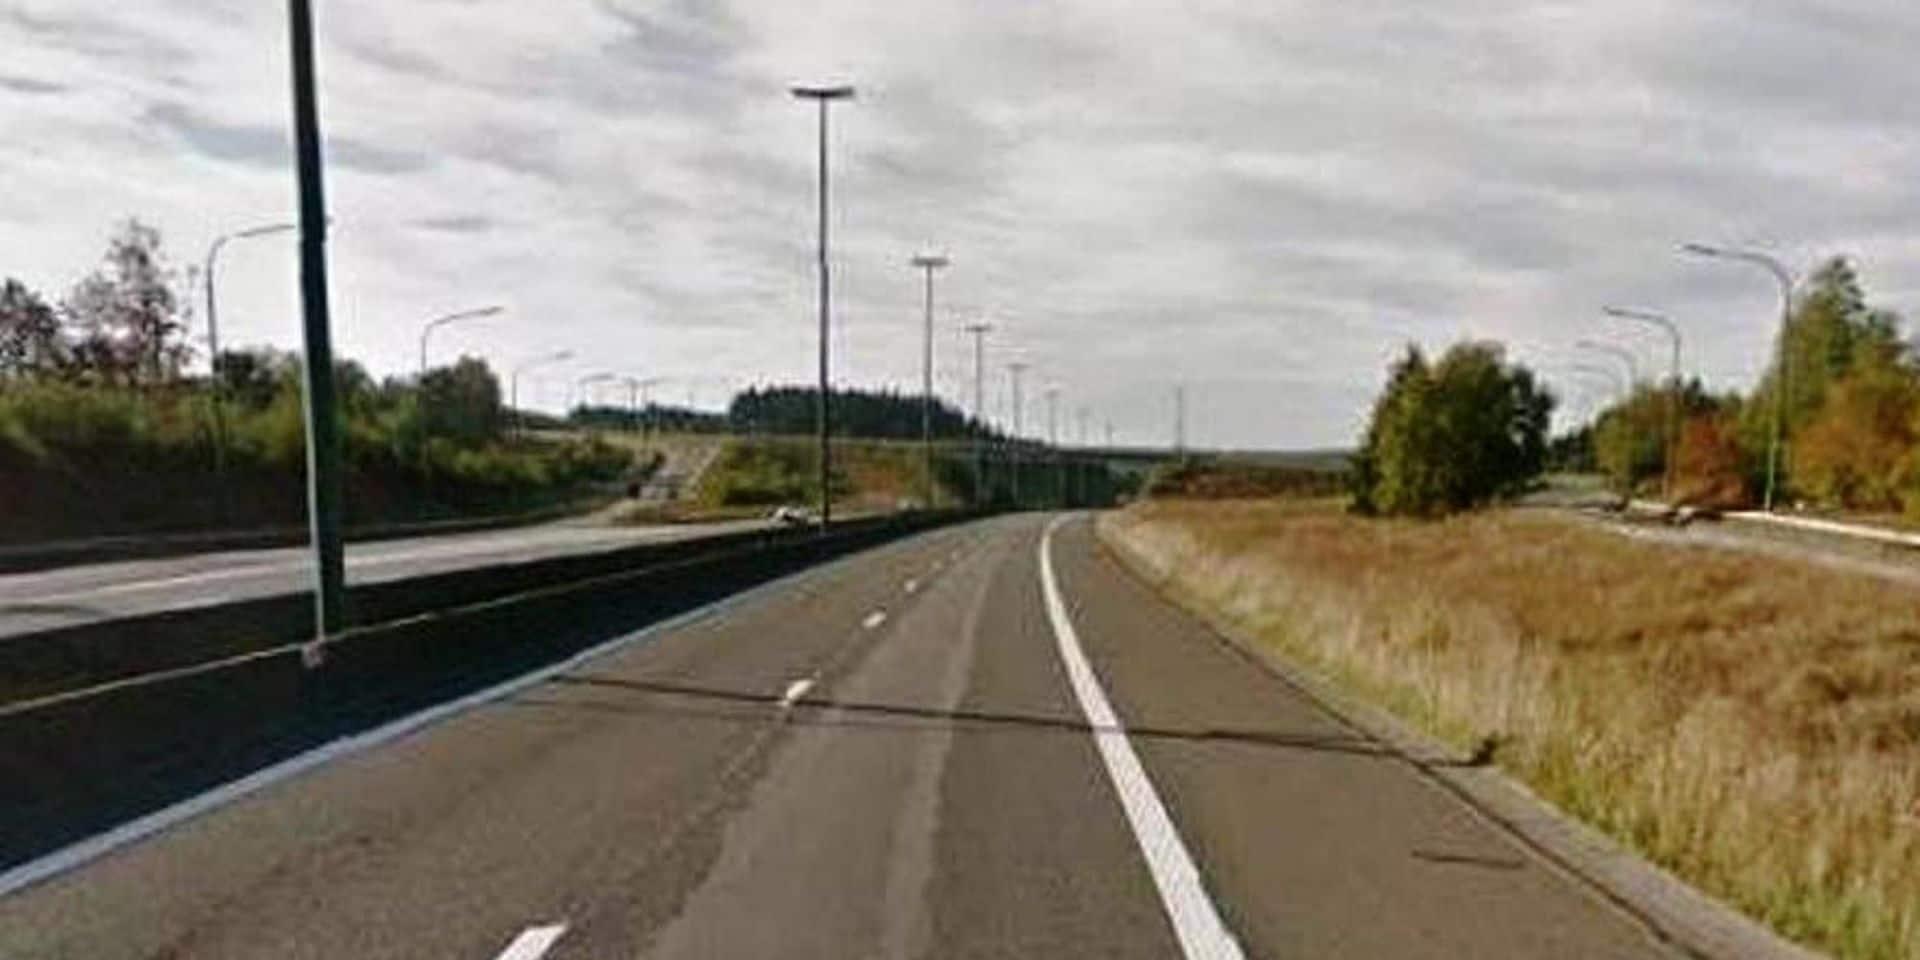 Accident sur l'autoroute E 411 à hauteur de Weyler (Arlon) : deux blessés